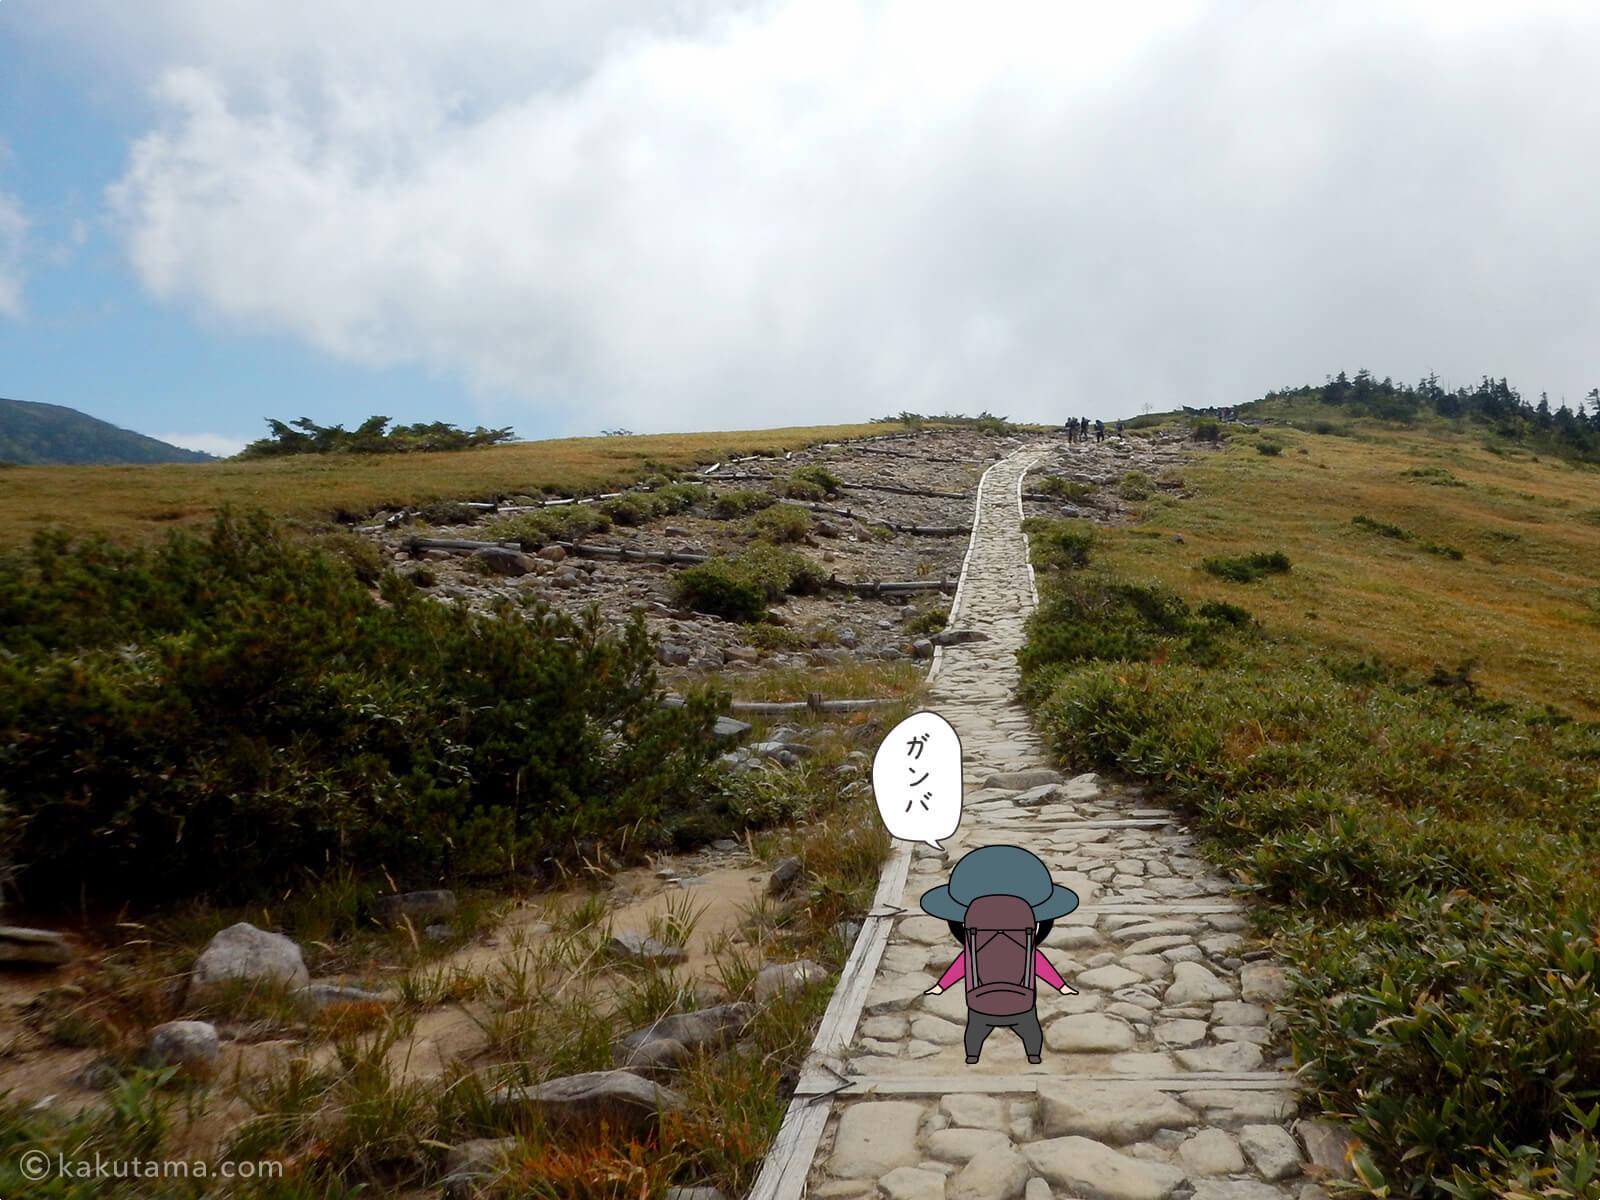 石畳の道の太郎坂